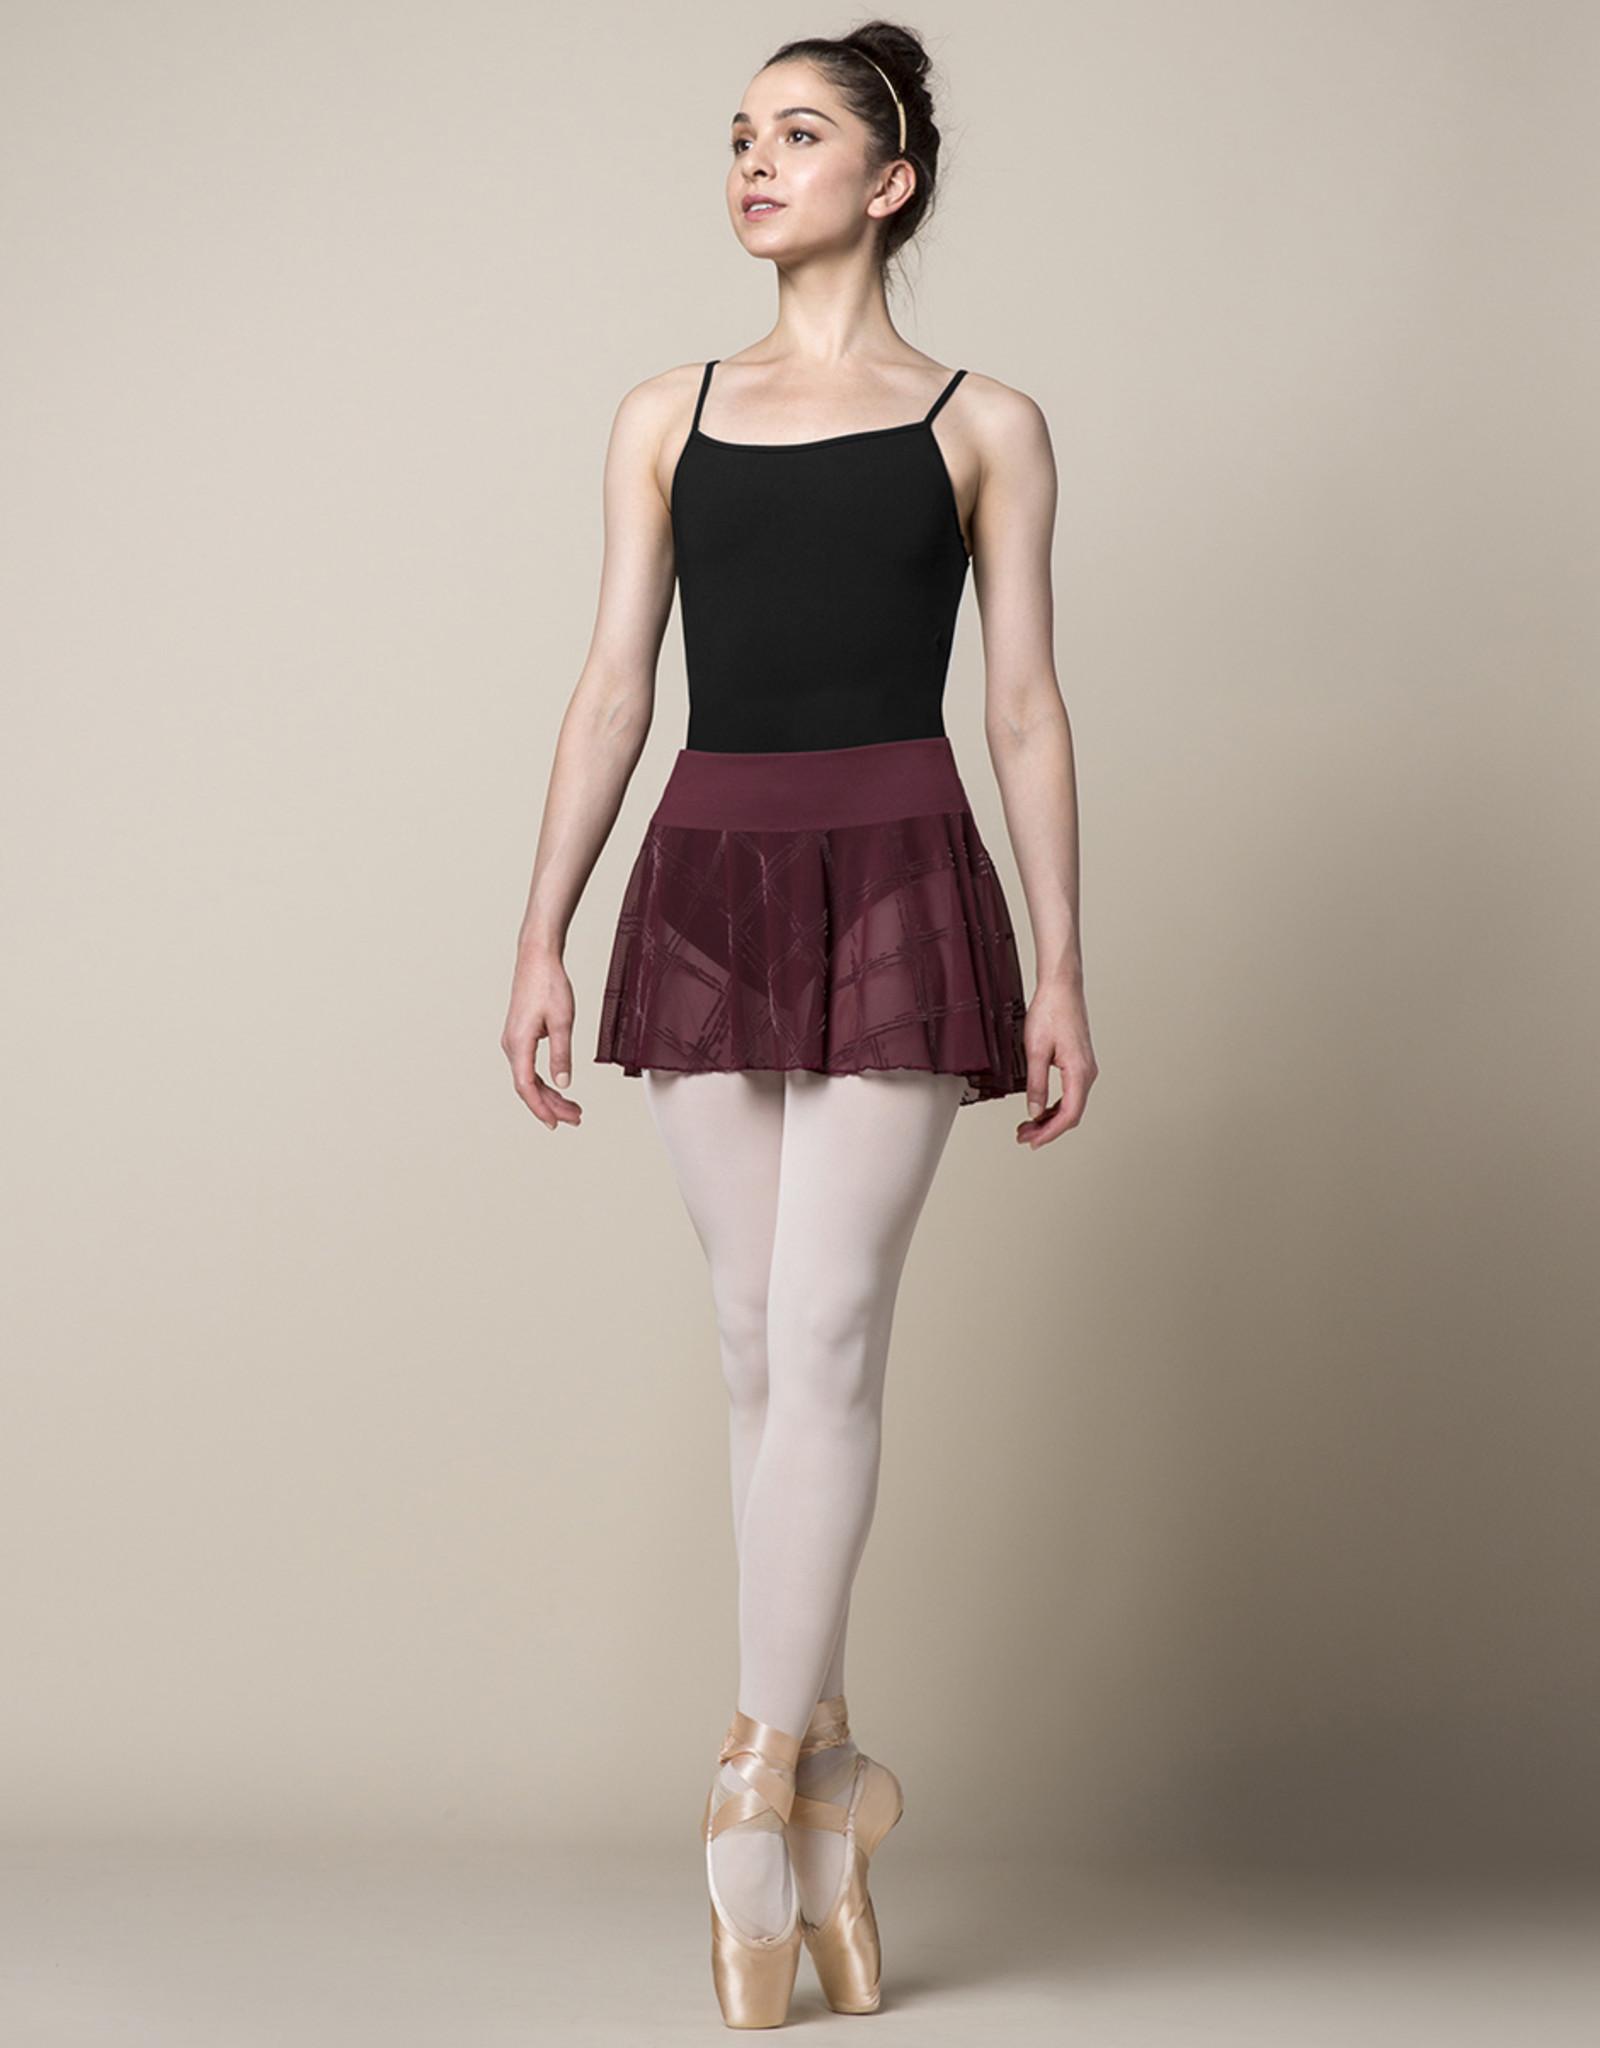 Mirella Mirella Chequered Mesh Wideband Skirt - MS154